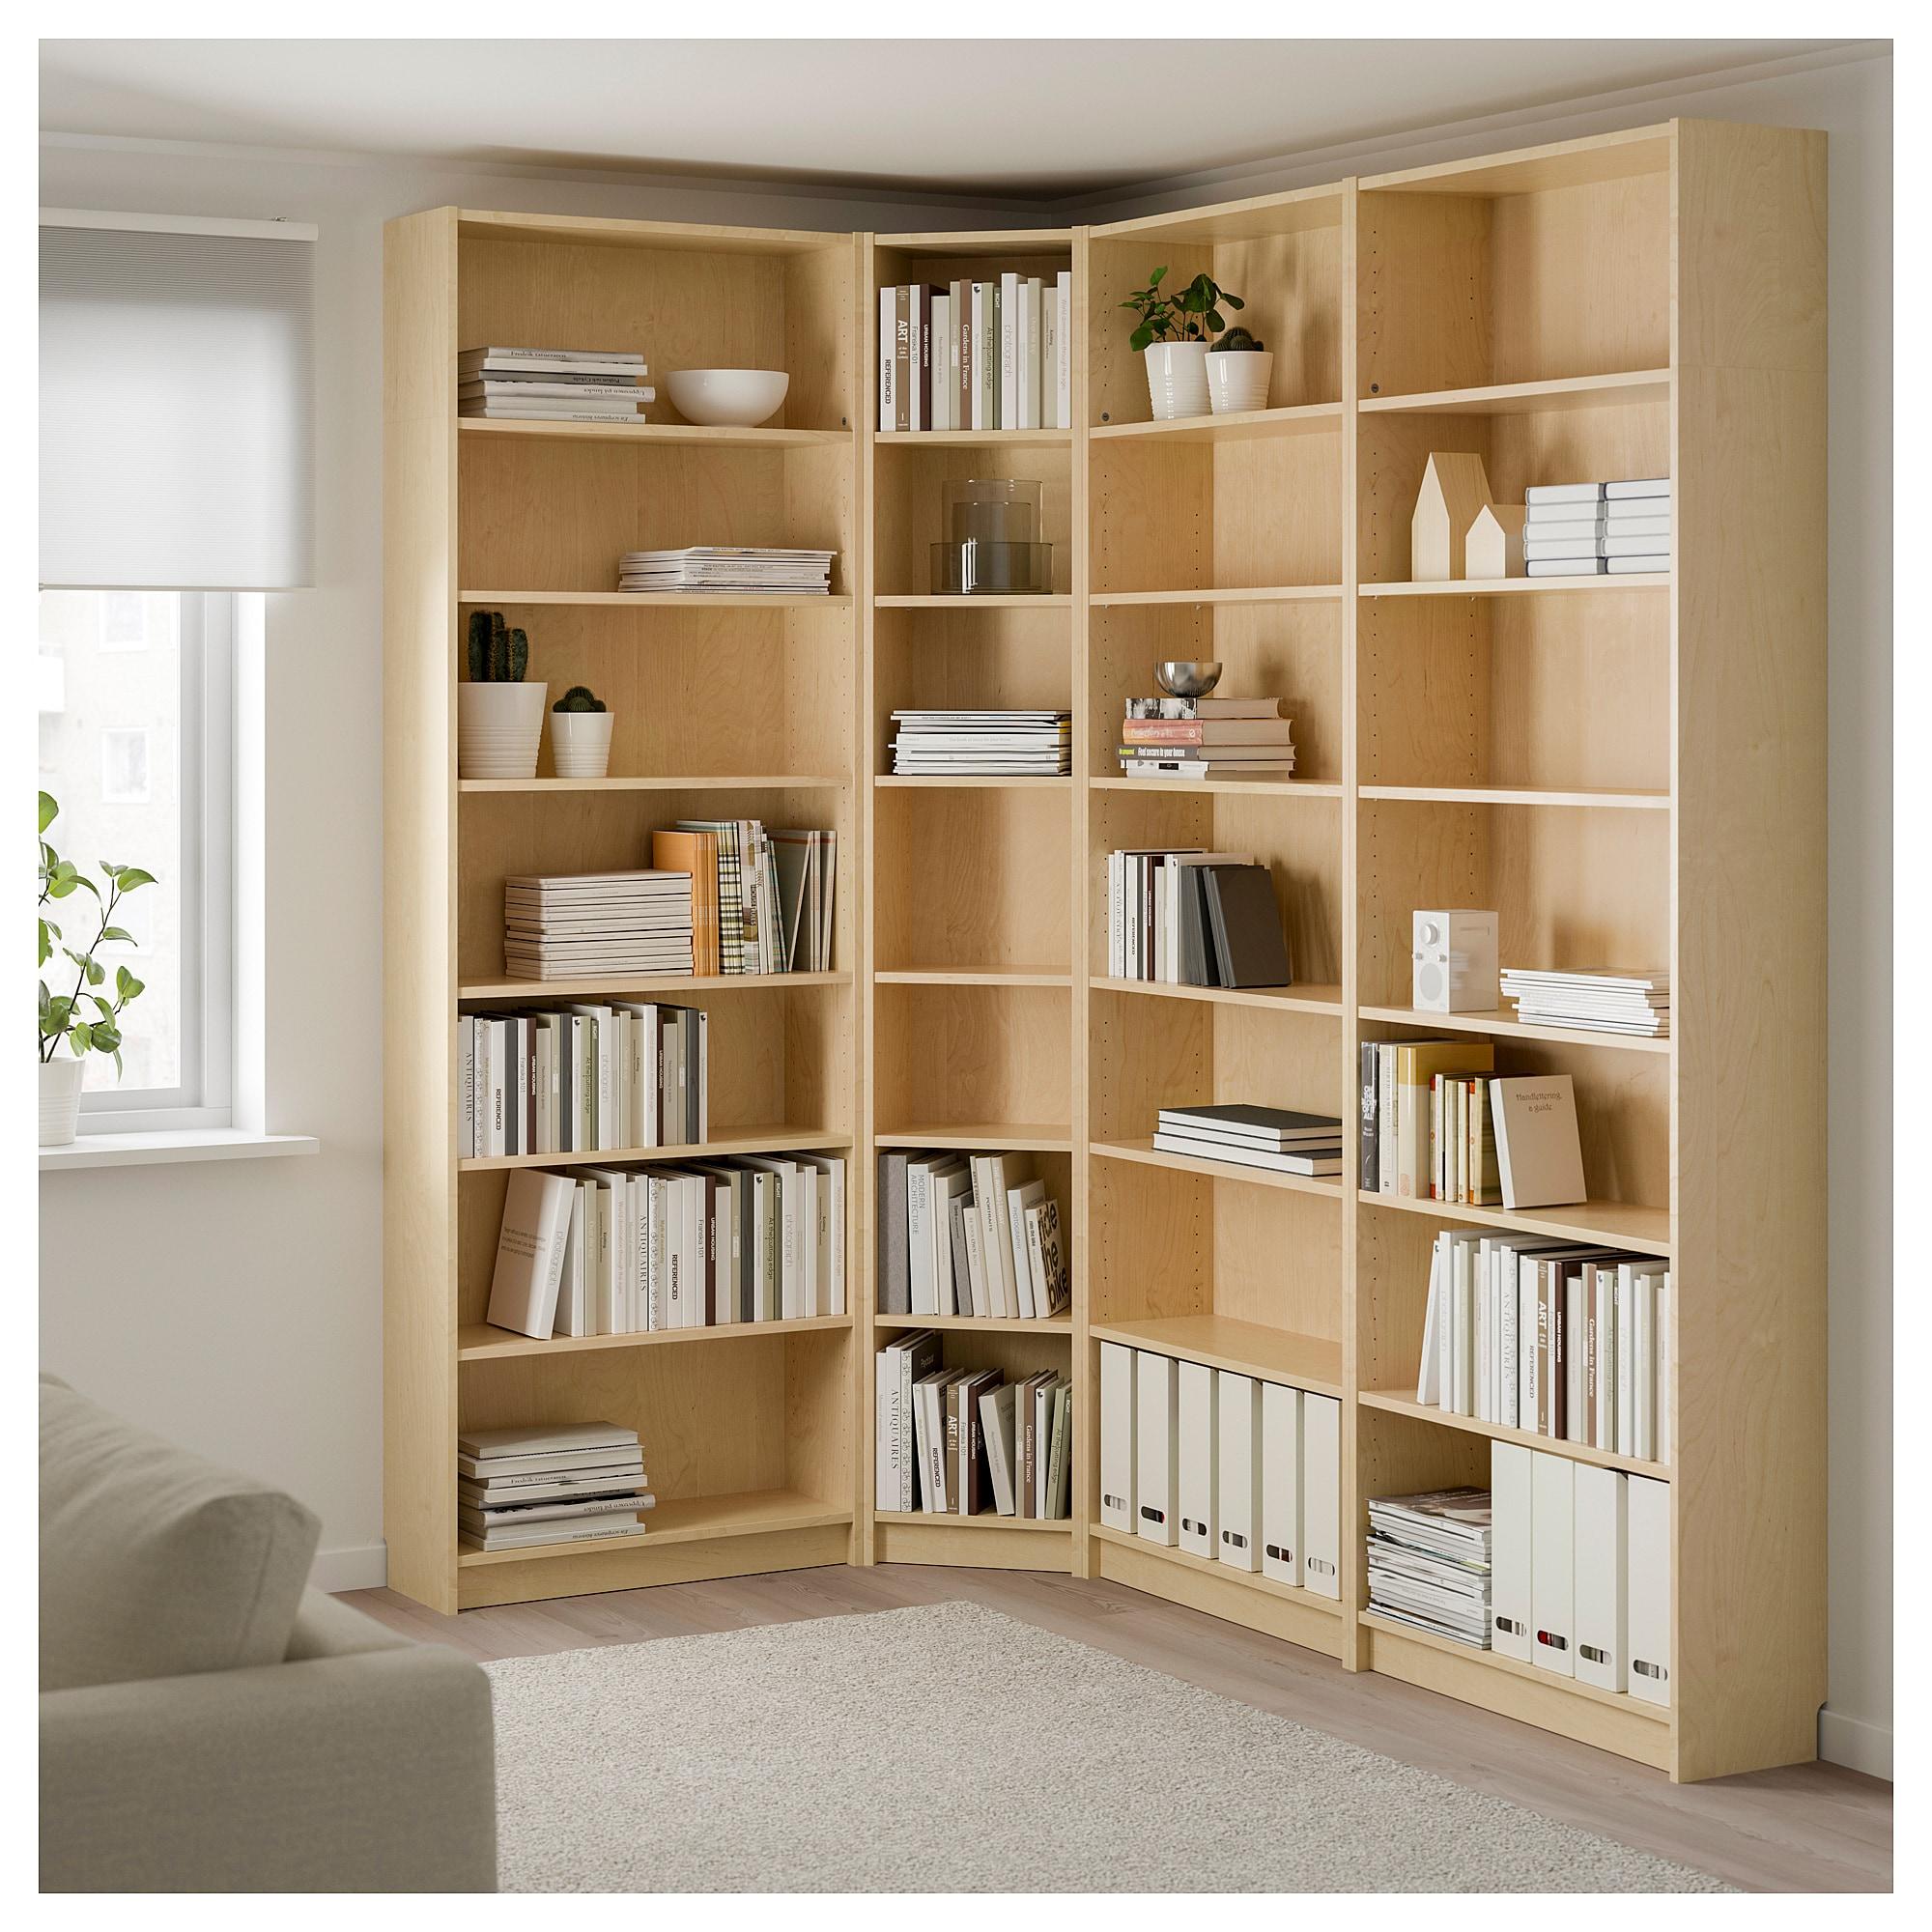 книжные полки и шкафы картинки заказов